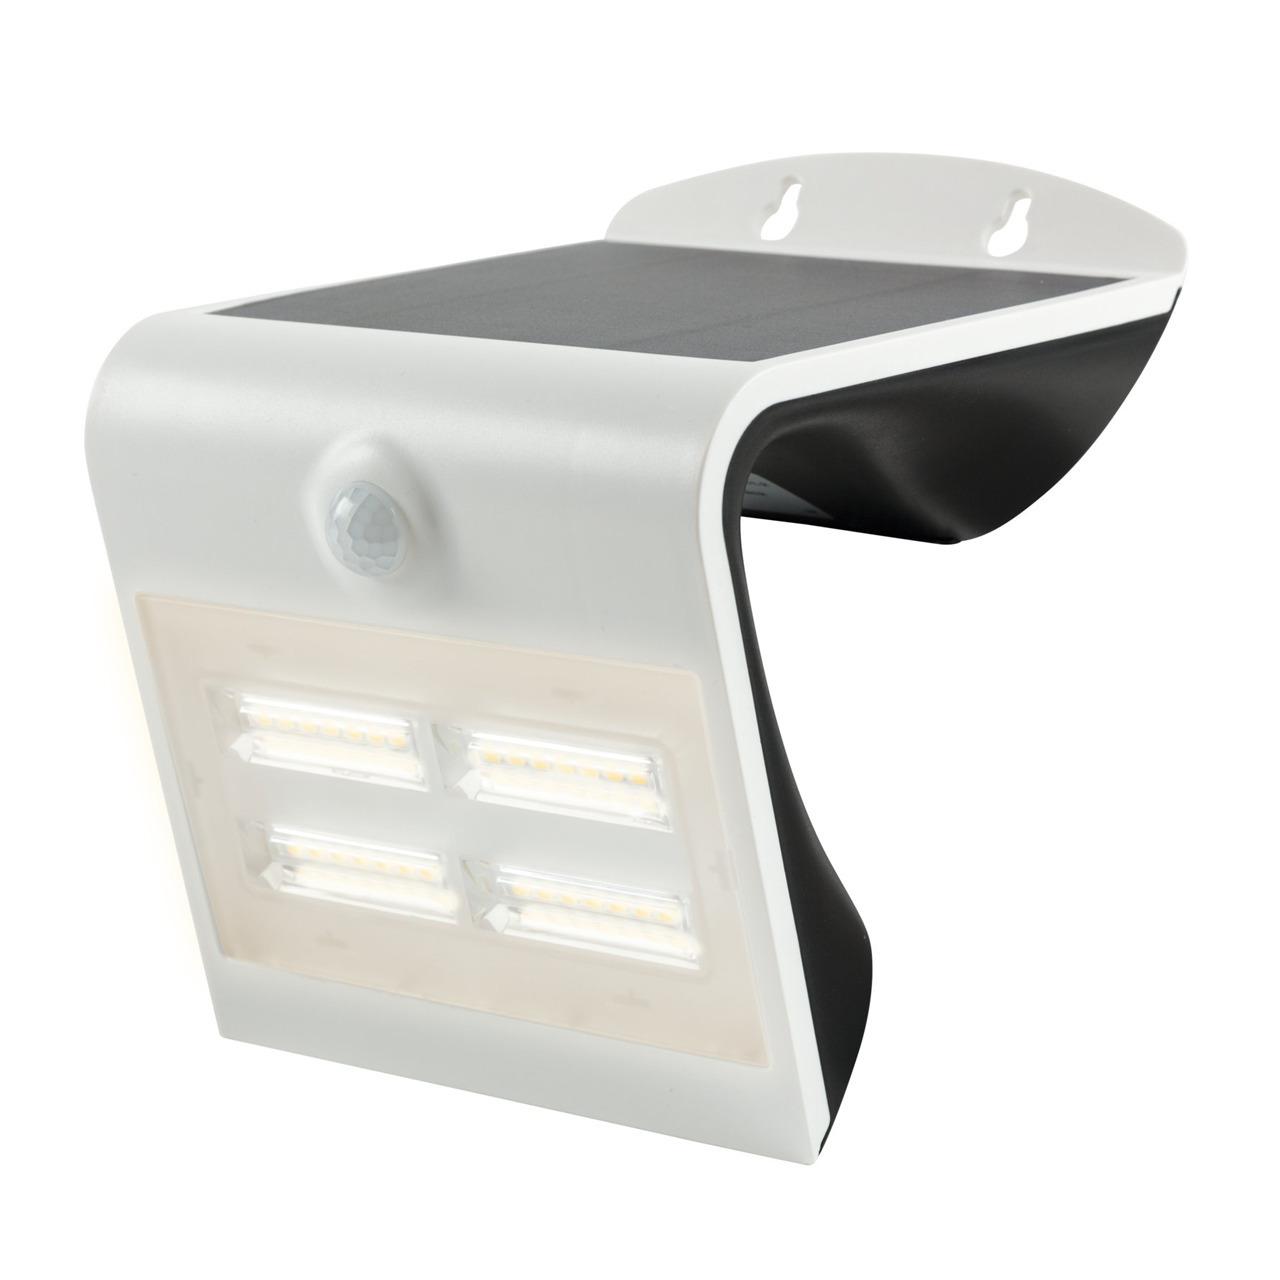 HEITRONIC 3-2-W-Solar-LED-Wandleuchte mit 120-Bewegungsmelder- warmweiss